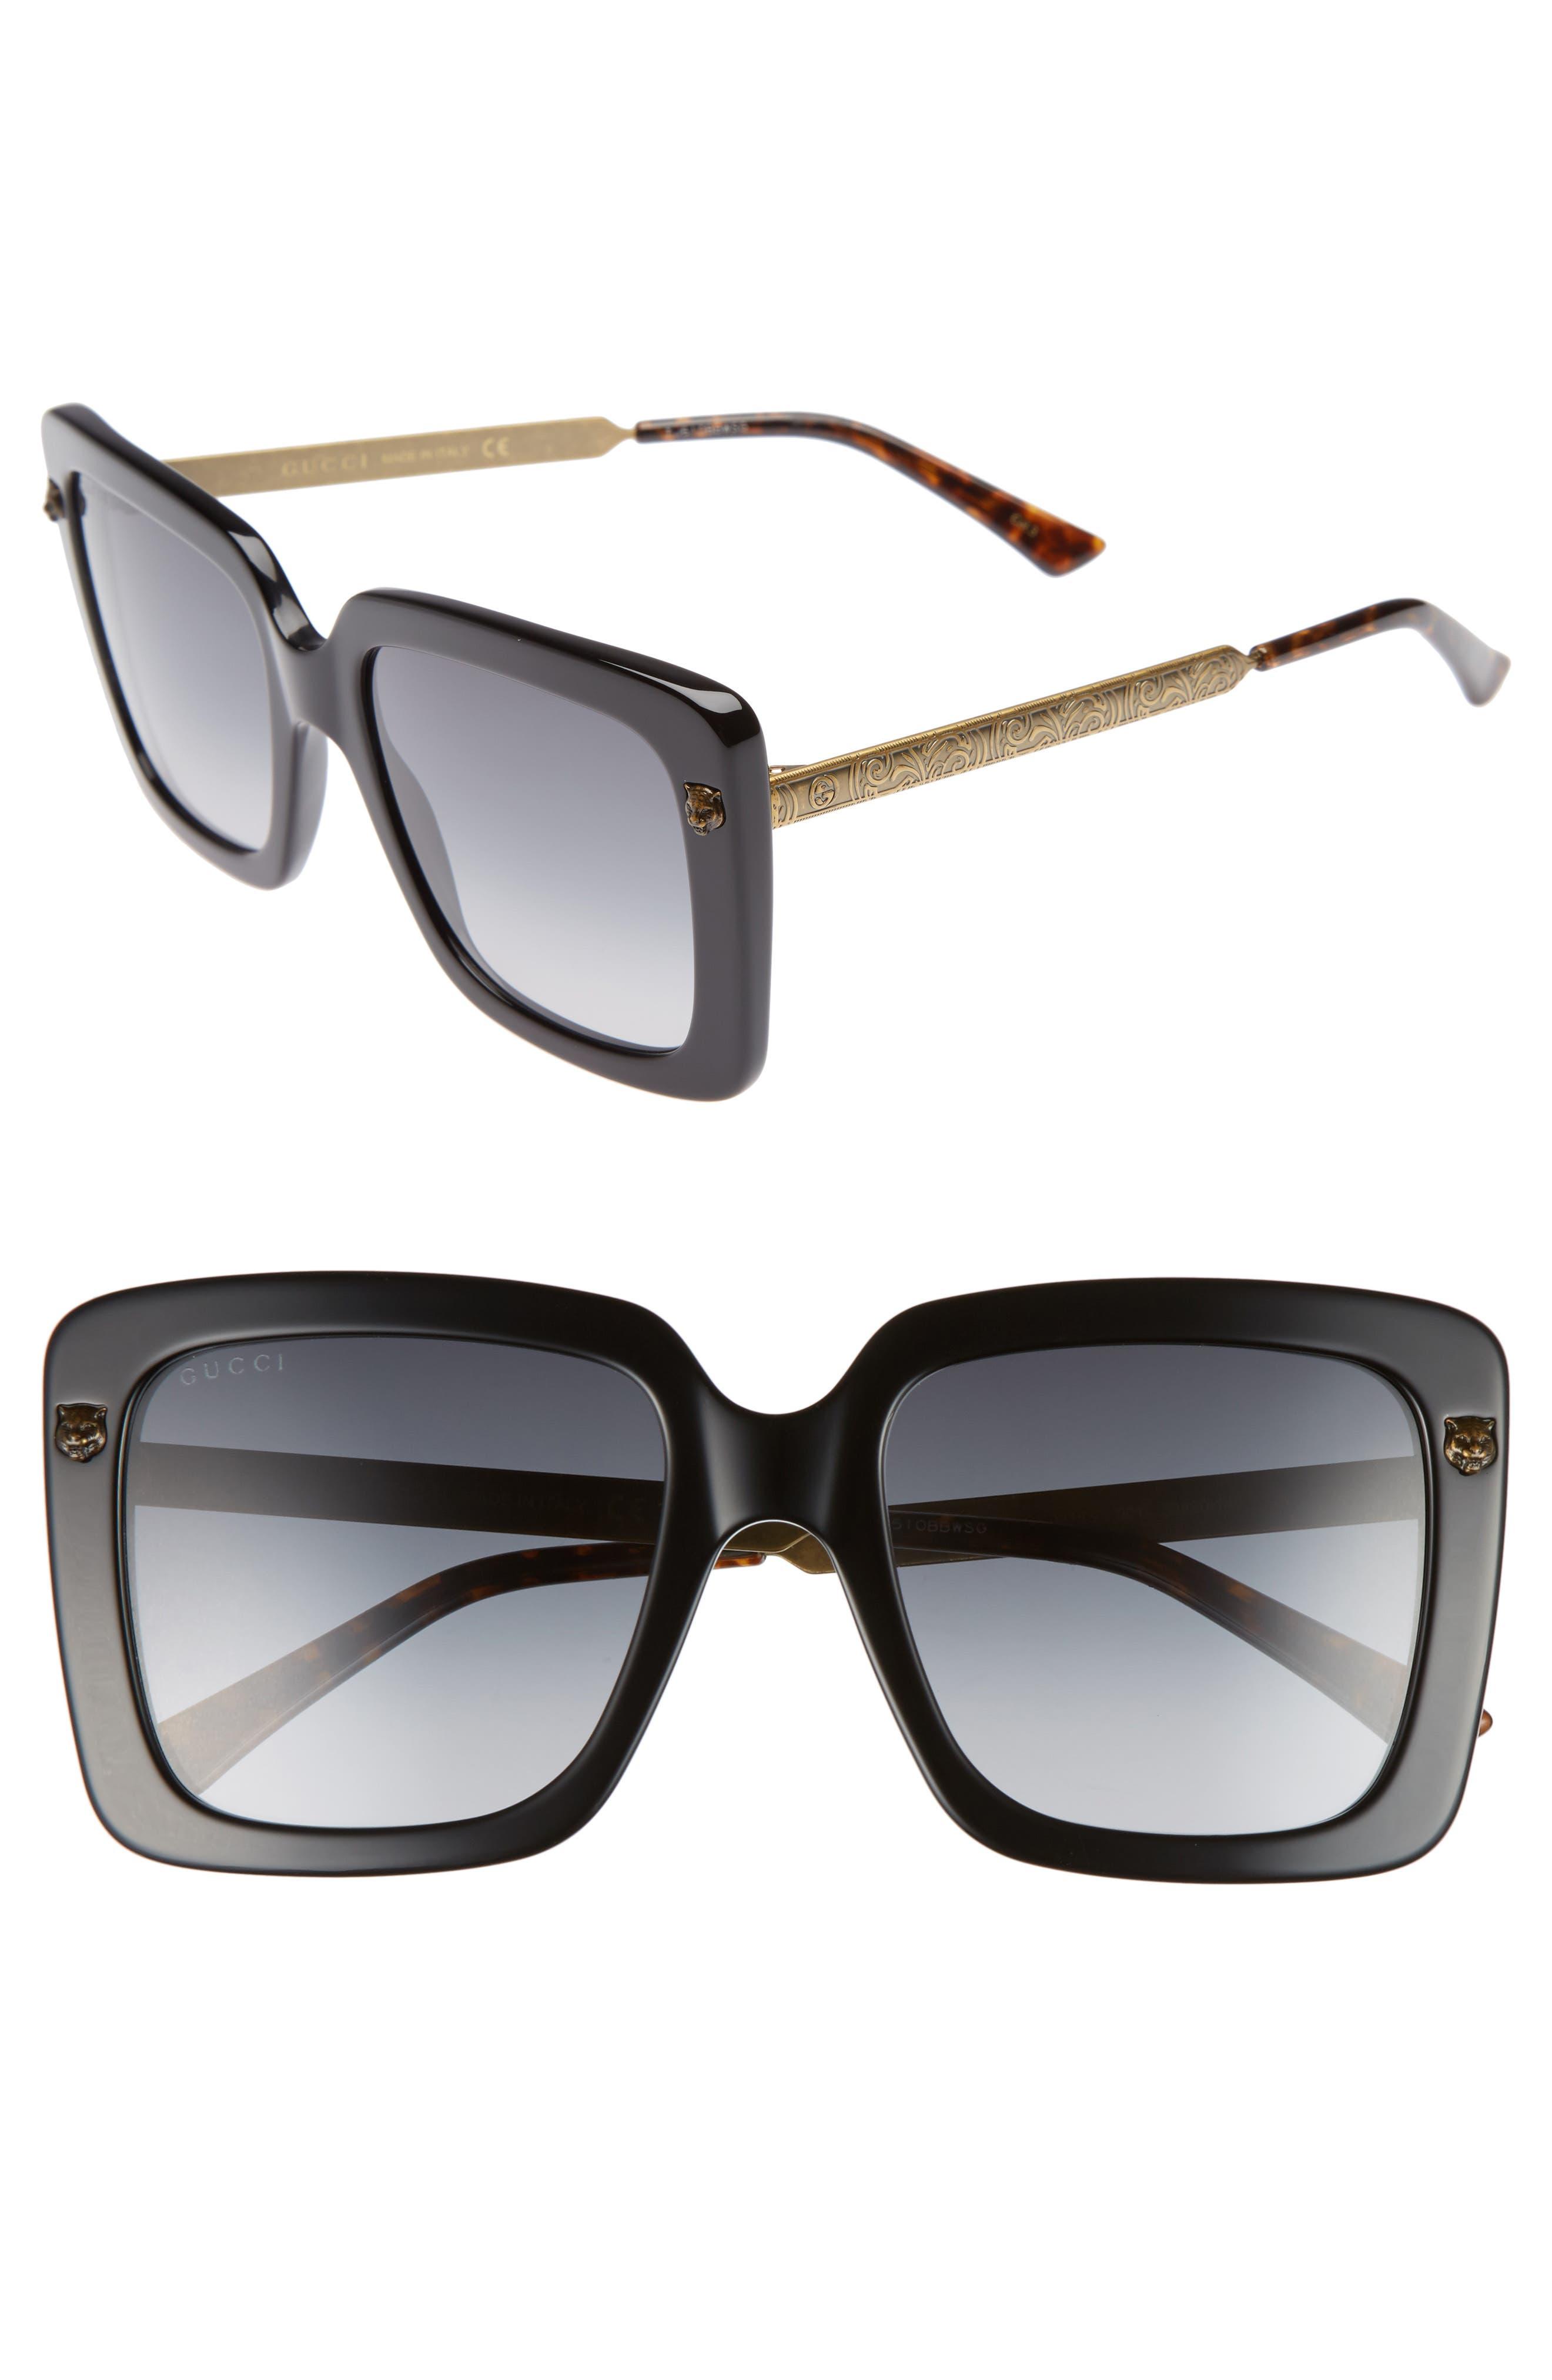 Main Image - Gucci 53mm Square Sunglasses